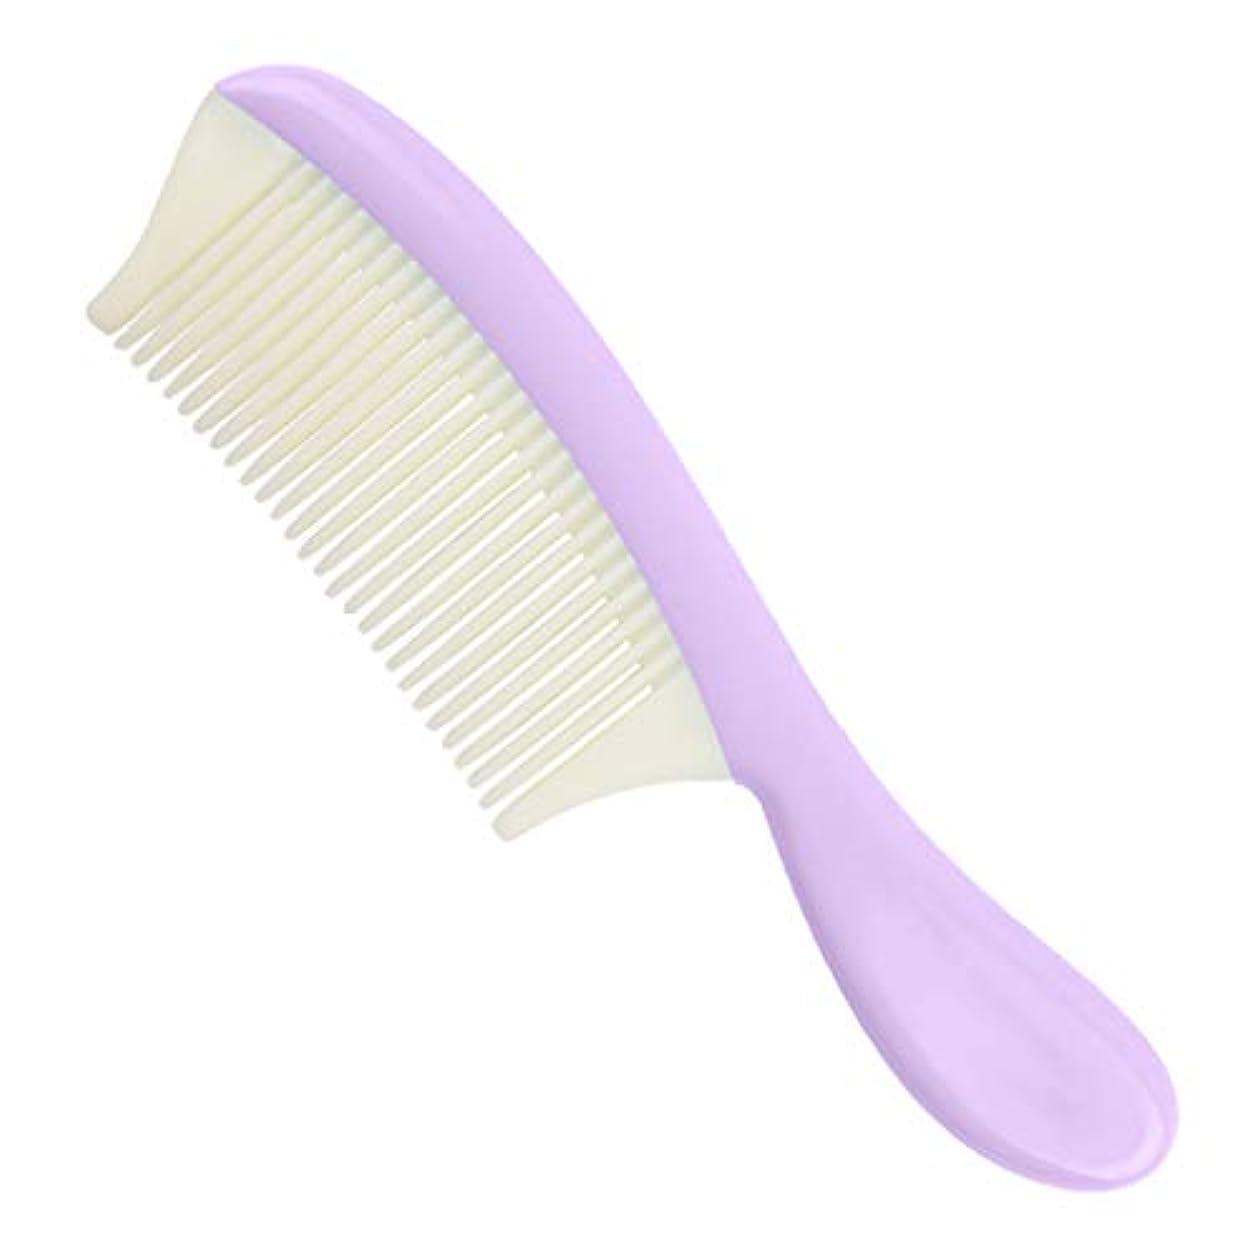 体操選手厚くする保護するヘアコーム 取り外し可能 細かい歯 ヘアブラシ 髪の櫛 全4色 - 紫